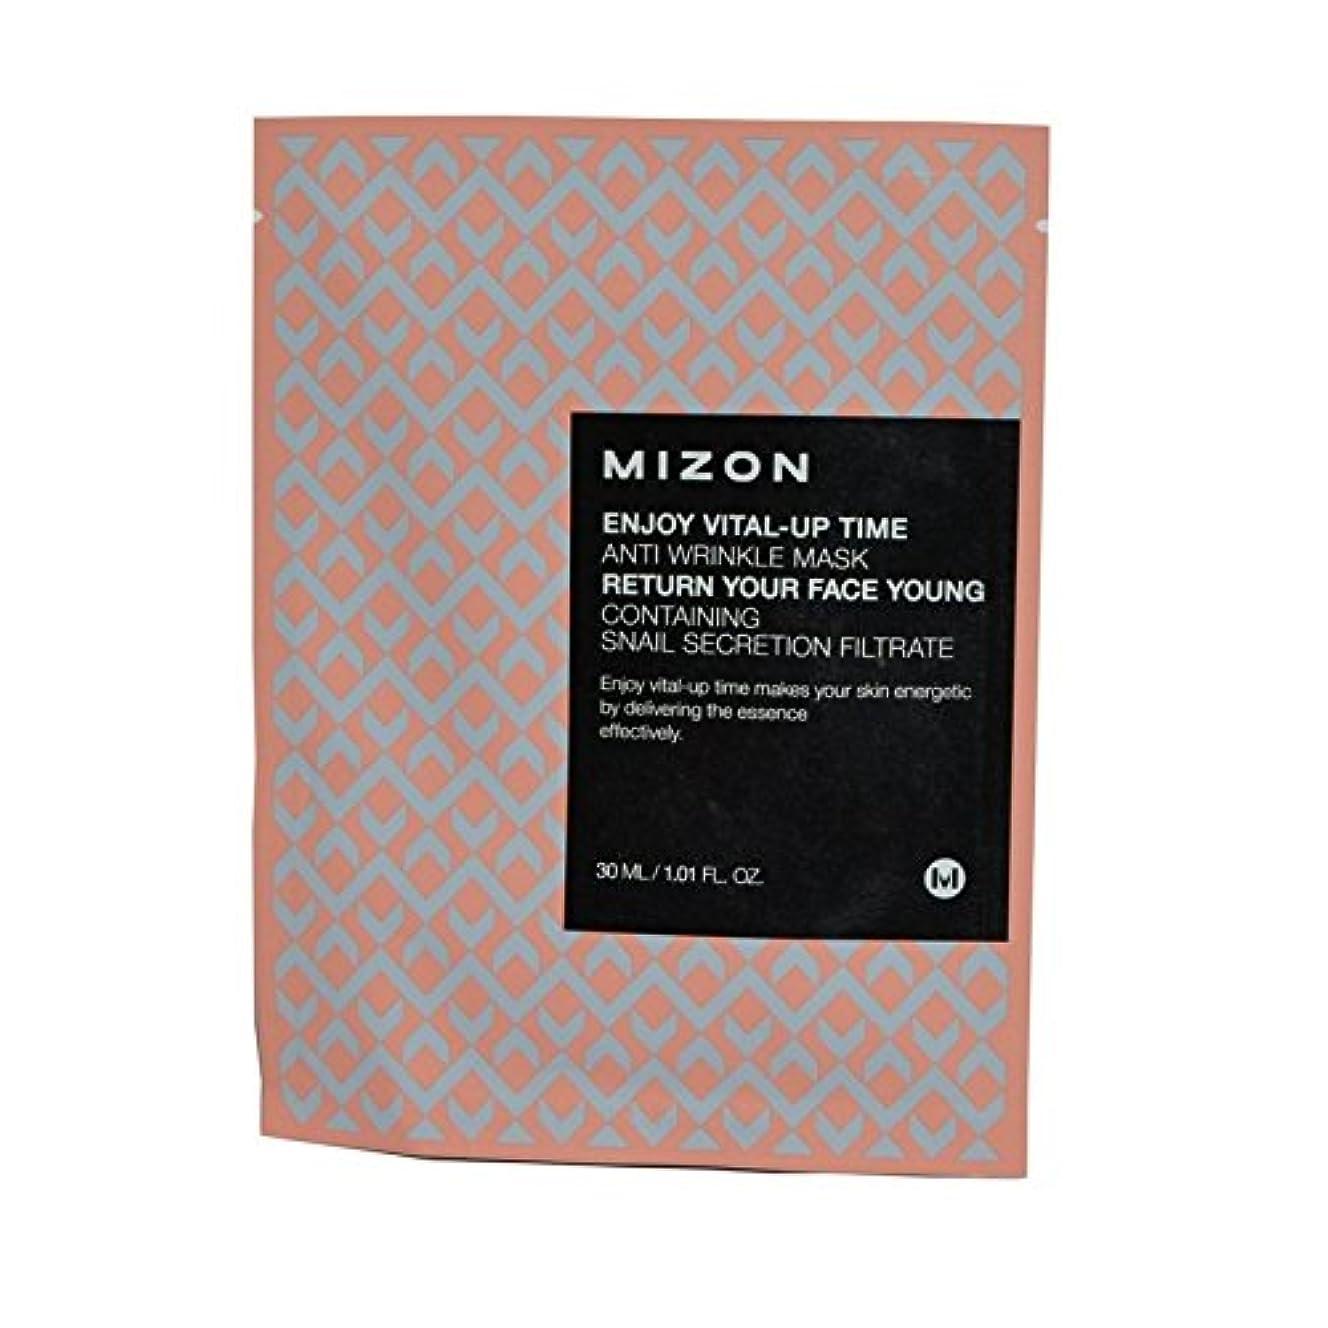 一貫性のない純粋な視聴者Mizon Enjoy Vital Up Time Anti-Wrinkle Mask (Pack of 6) - が不可欠アップ時間抗しわマスクを楽しみます x6 [並行輸入品]